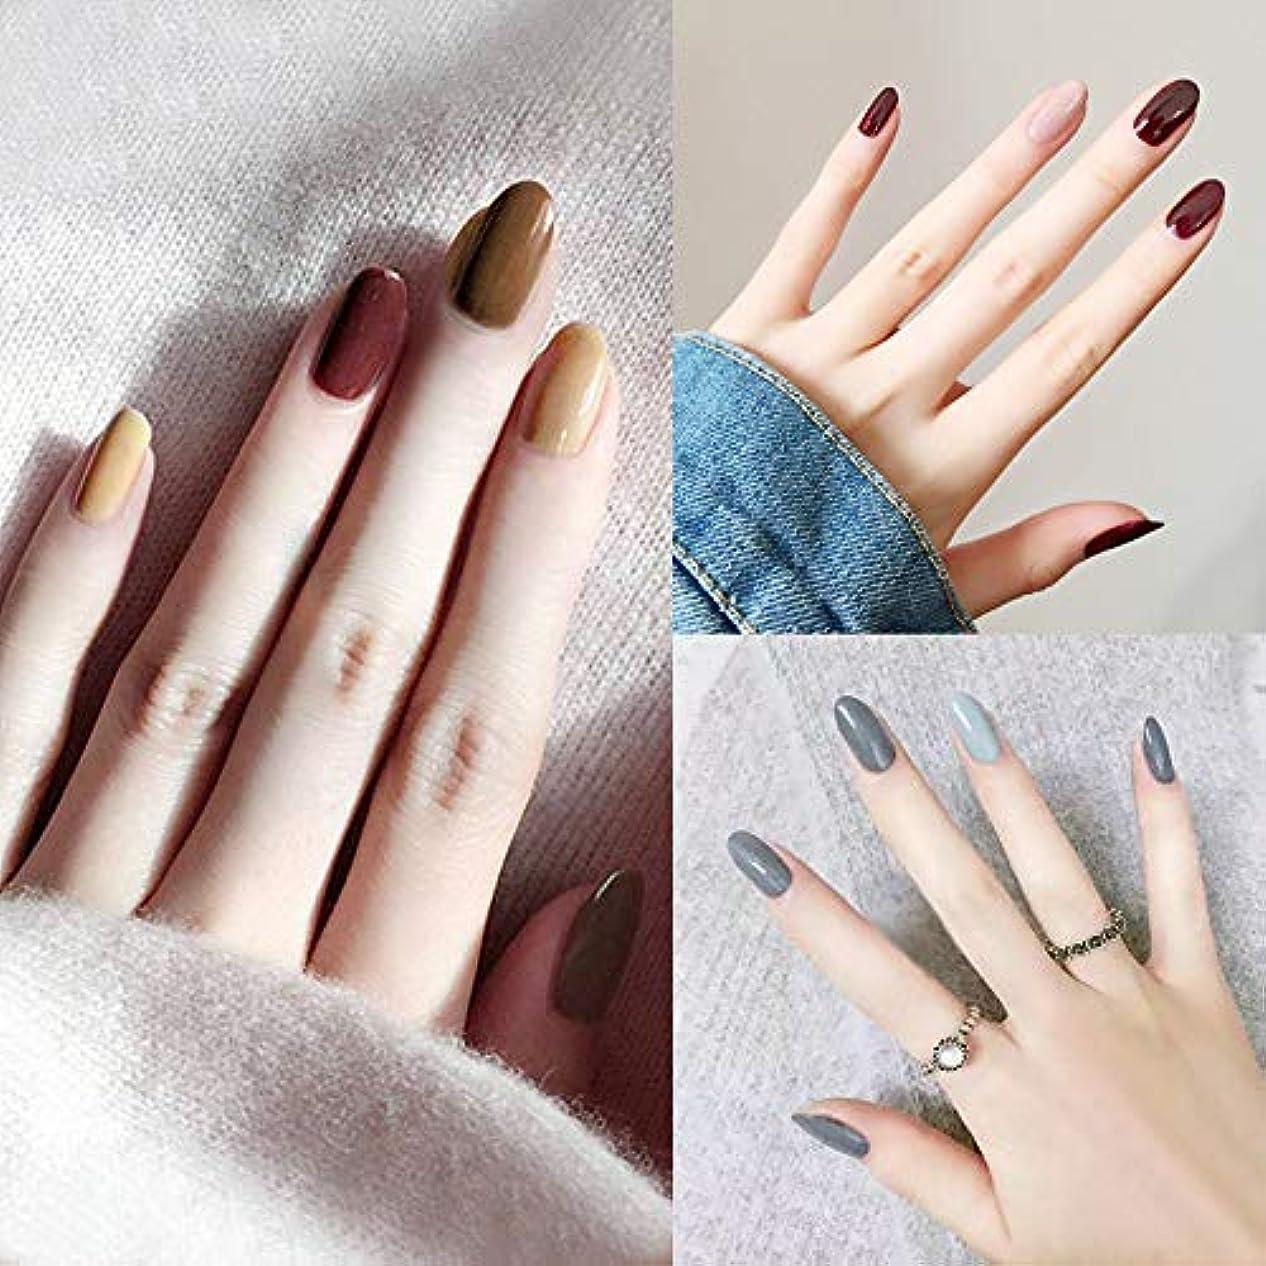 服を片付けるウミウシウェイターファッションレッドクリームインクハリスタイル偽爪純粋な色偽爪24ピースフルブライダルネイルのヒント滑らかな指装飾のヒント接着剤付き人工爪